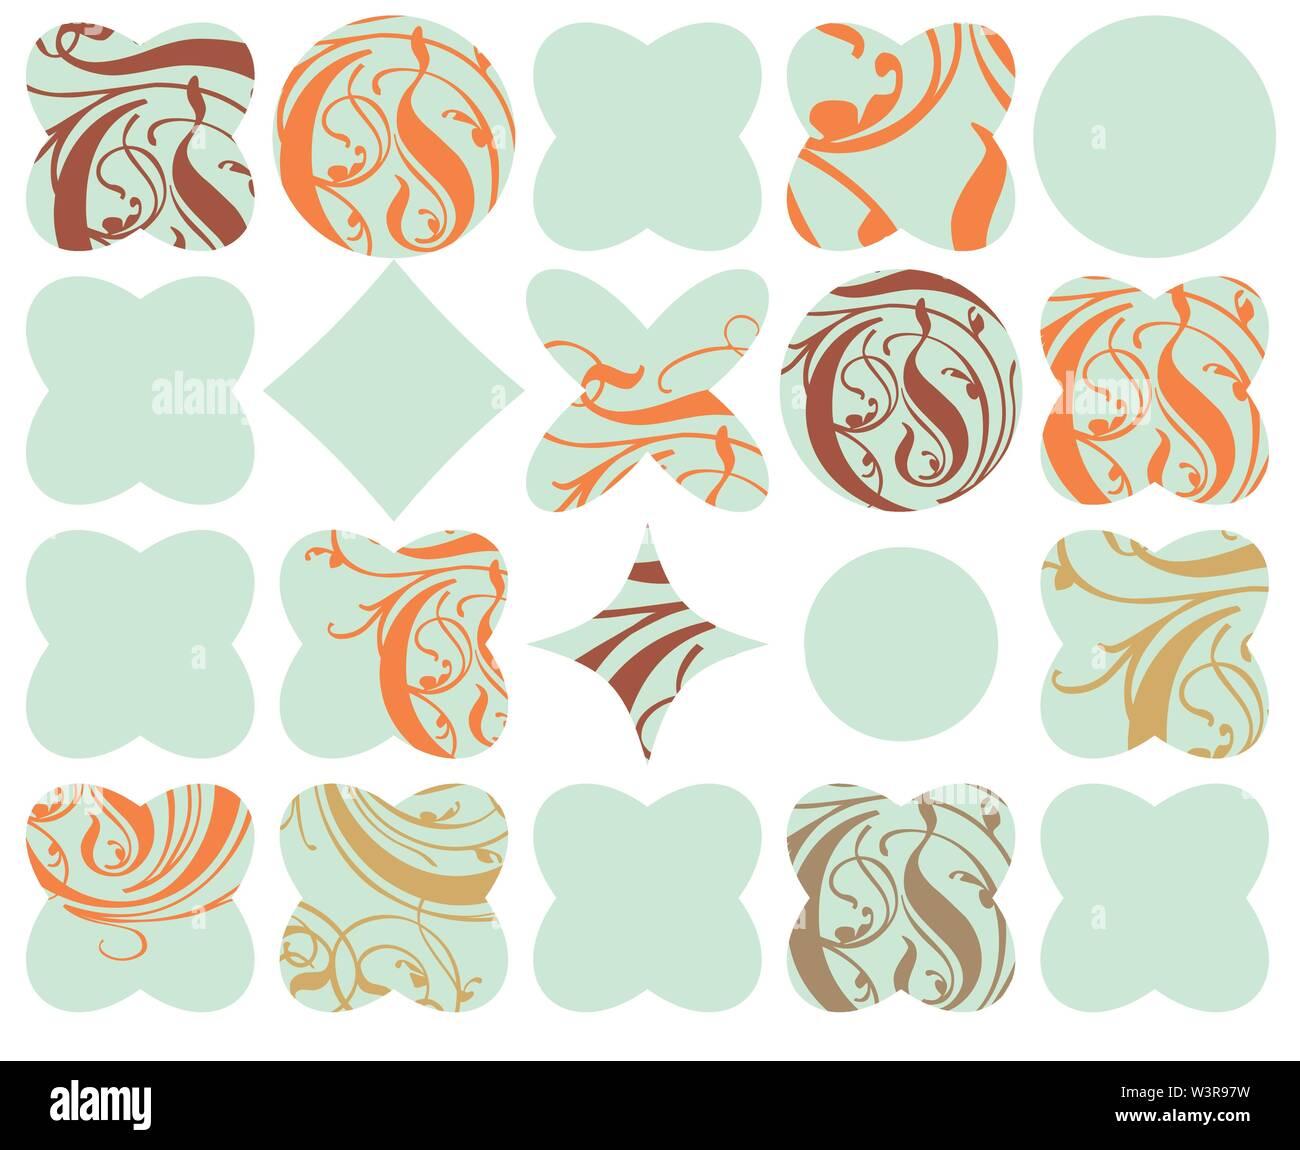 Répéter géométriques abstraites rétro motif de fond d'impression Photo Stock